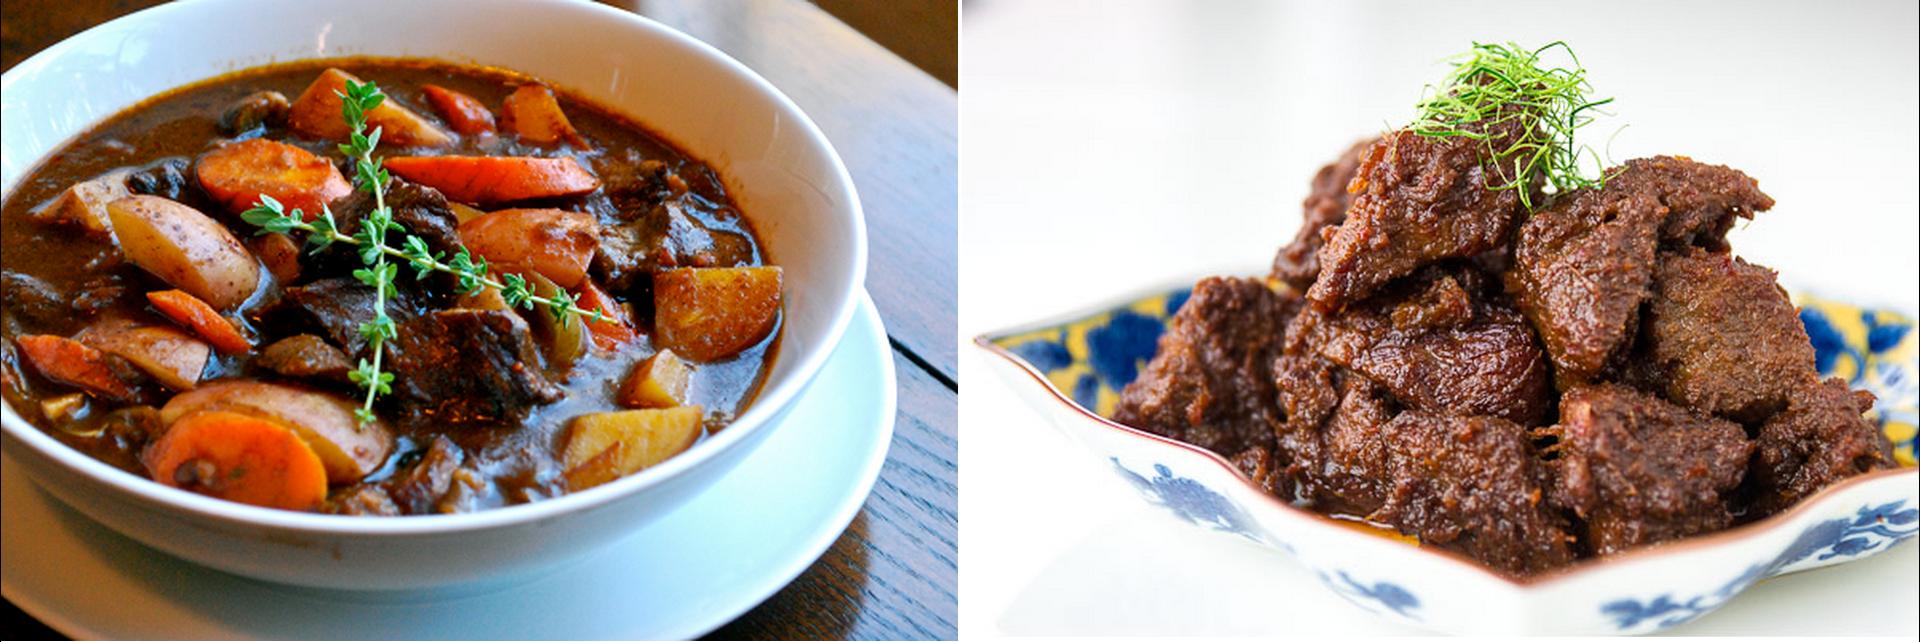 stew vs rendang